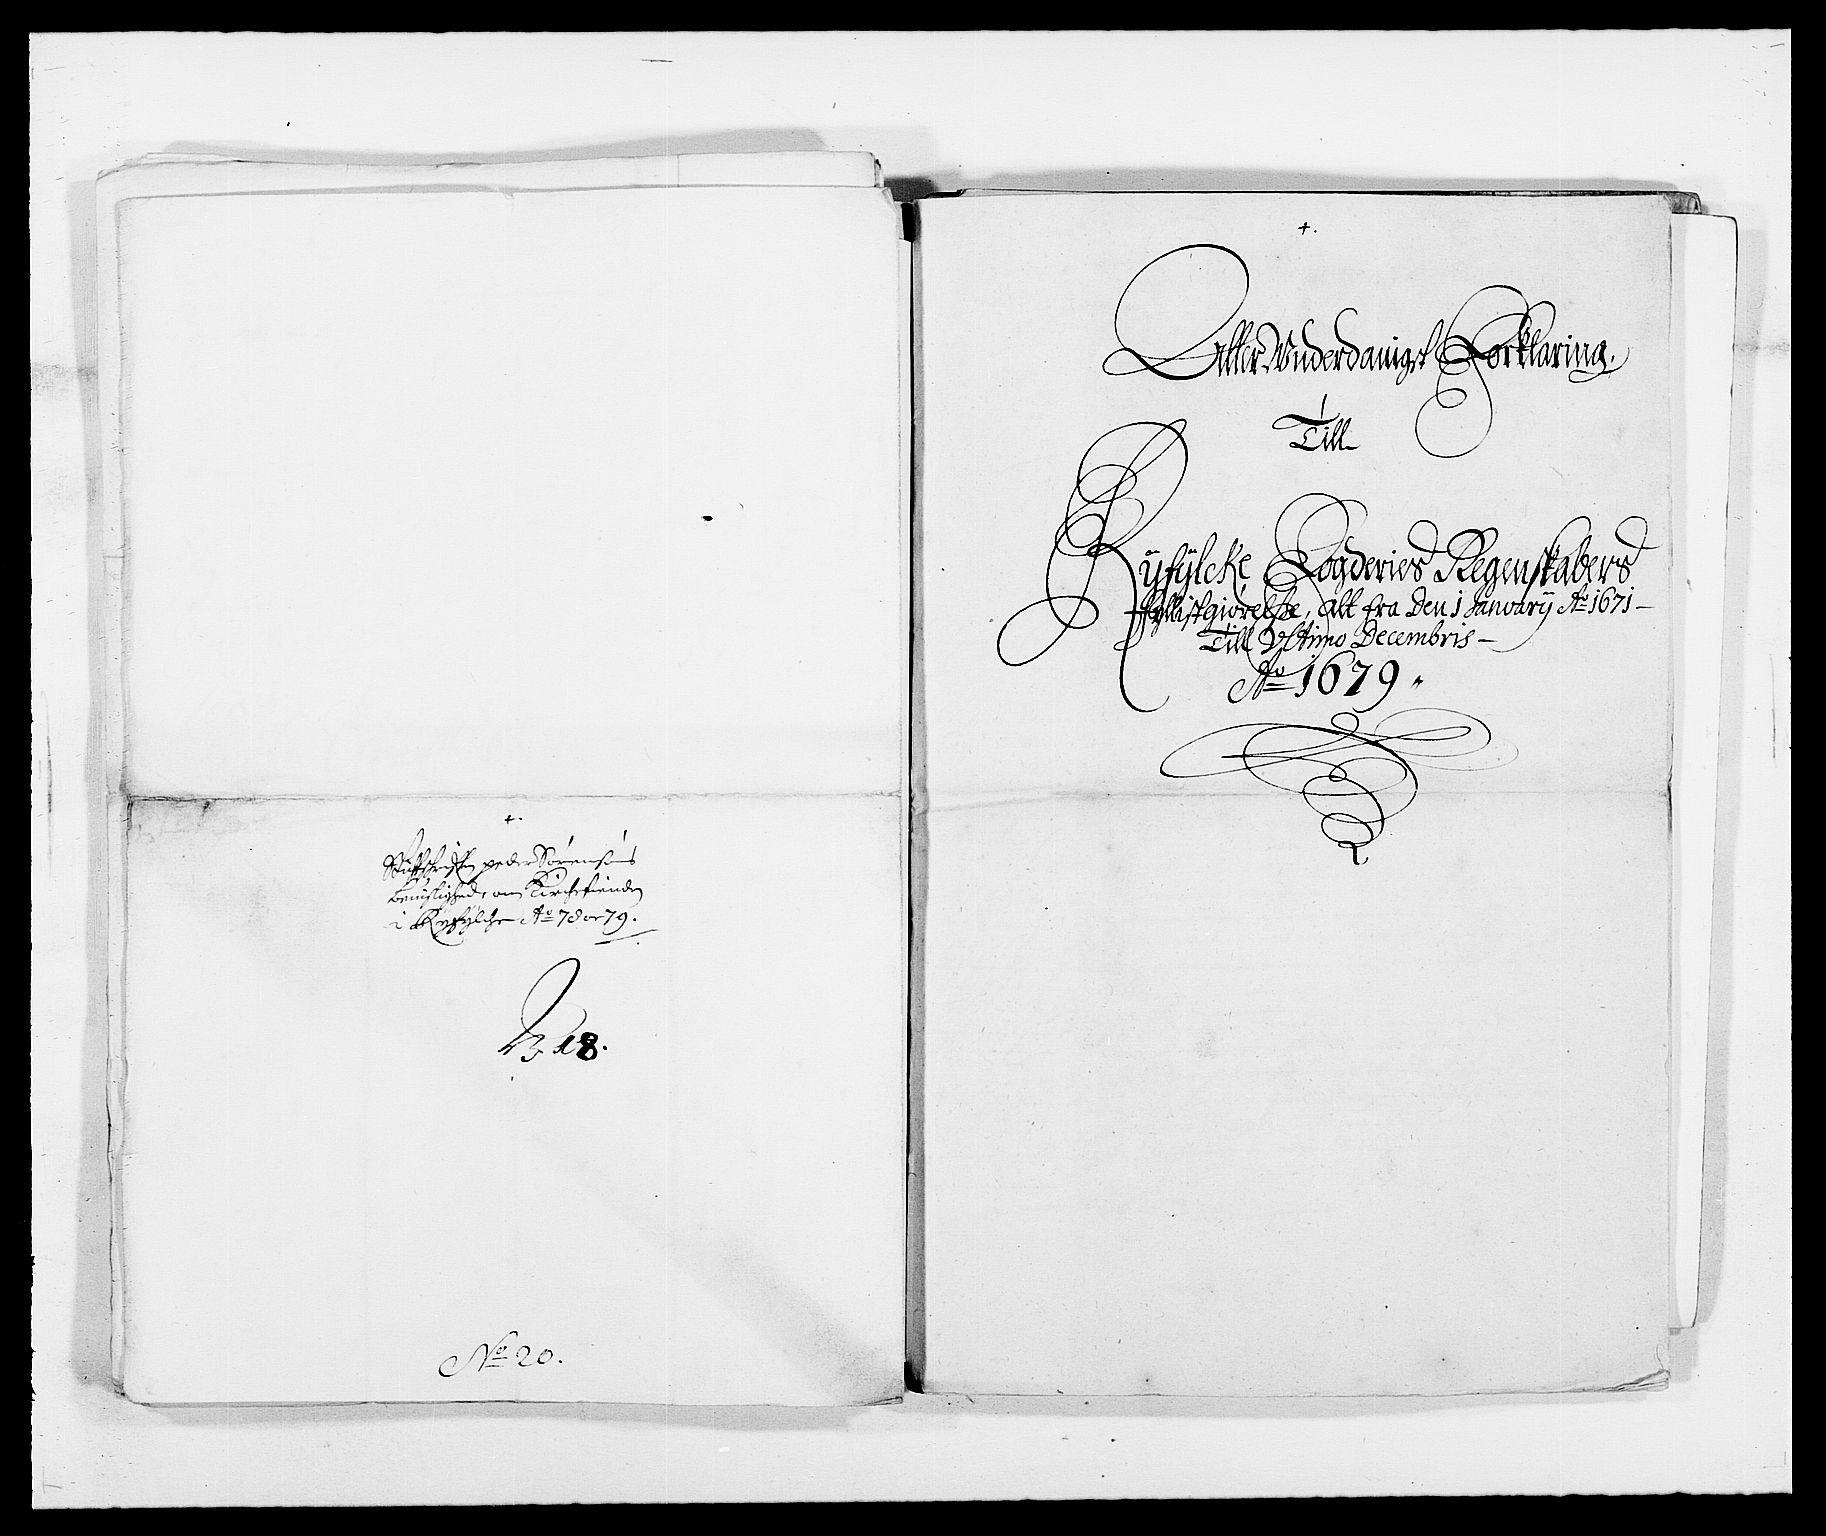 RA, Rentekammeret inntil 1814, Reviderte regnskaper, Fogderegnskap, R47/L2849: Fogderegnskap Ryfylke, 1679, s. 356